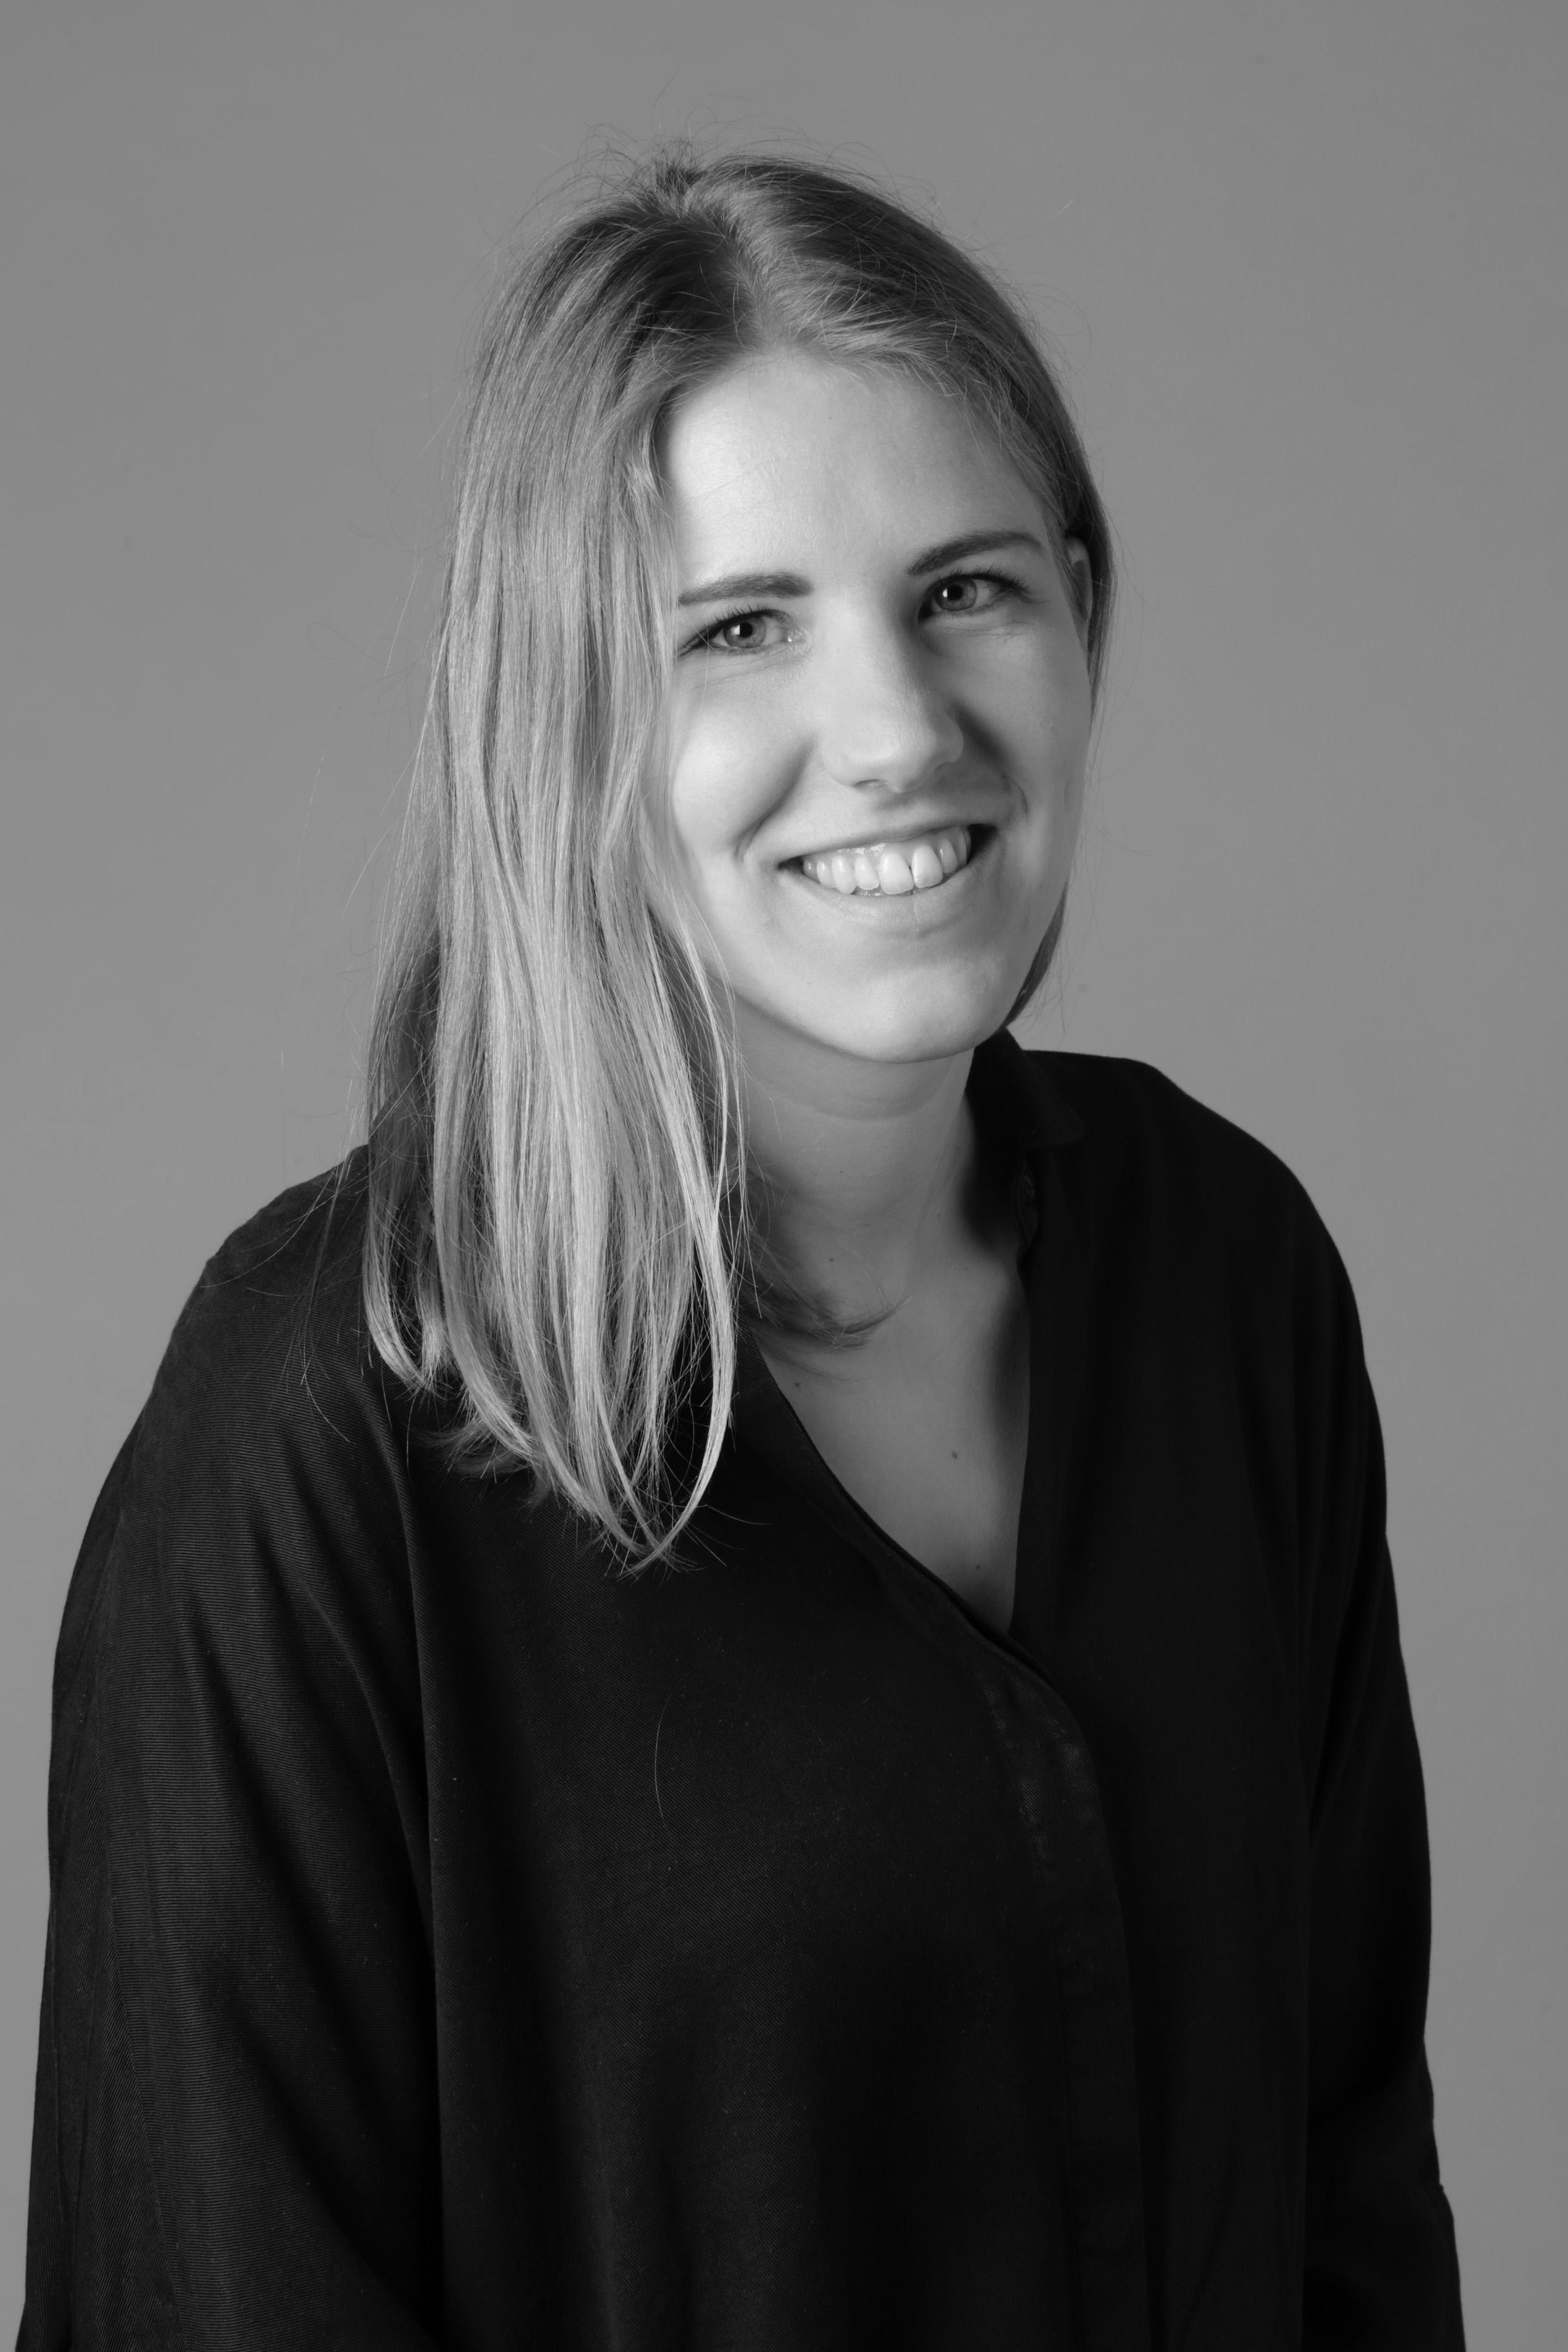 Lisa Stolz